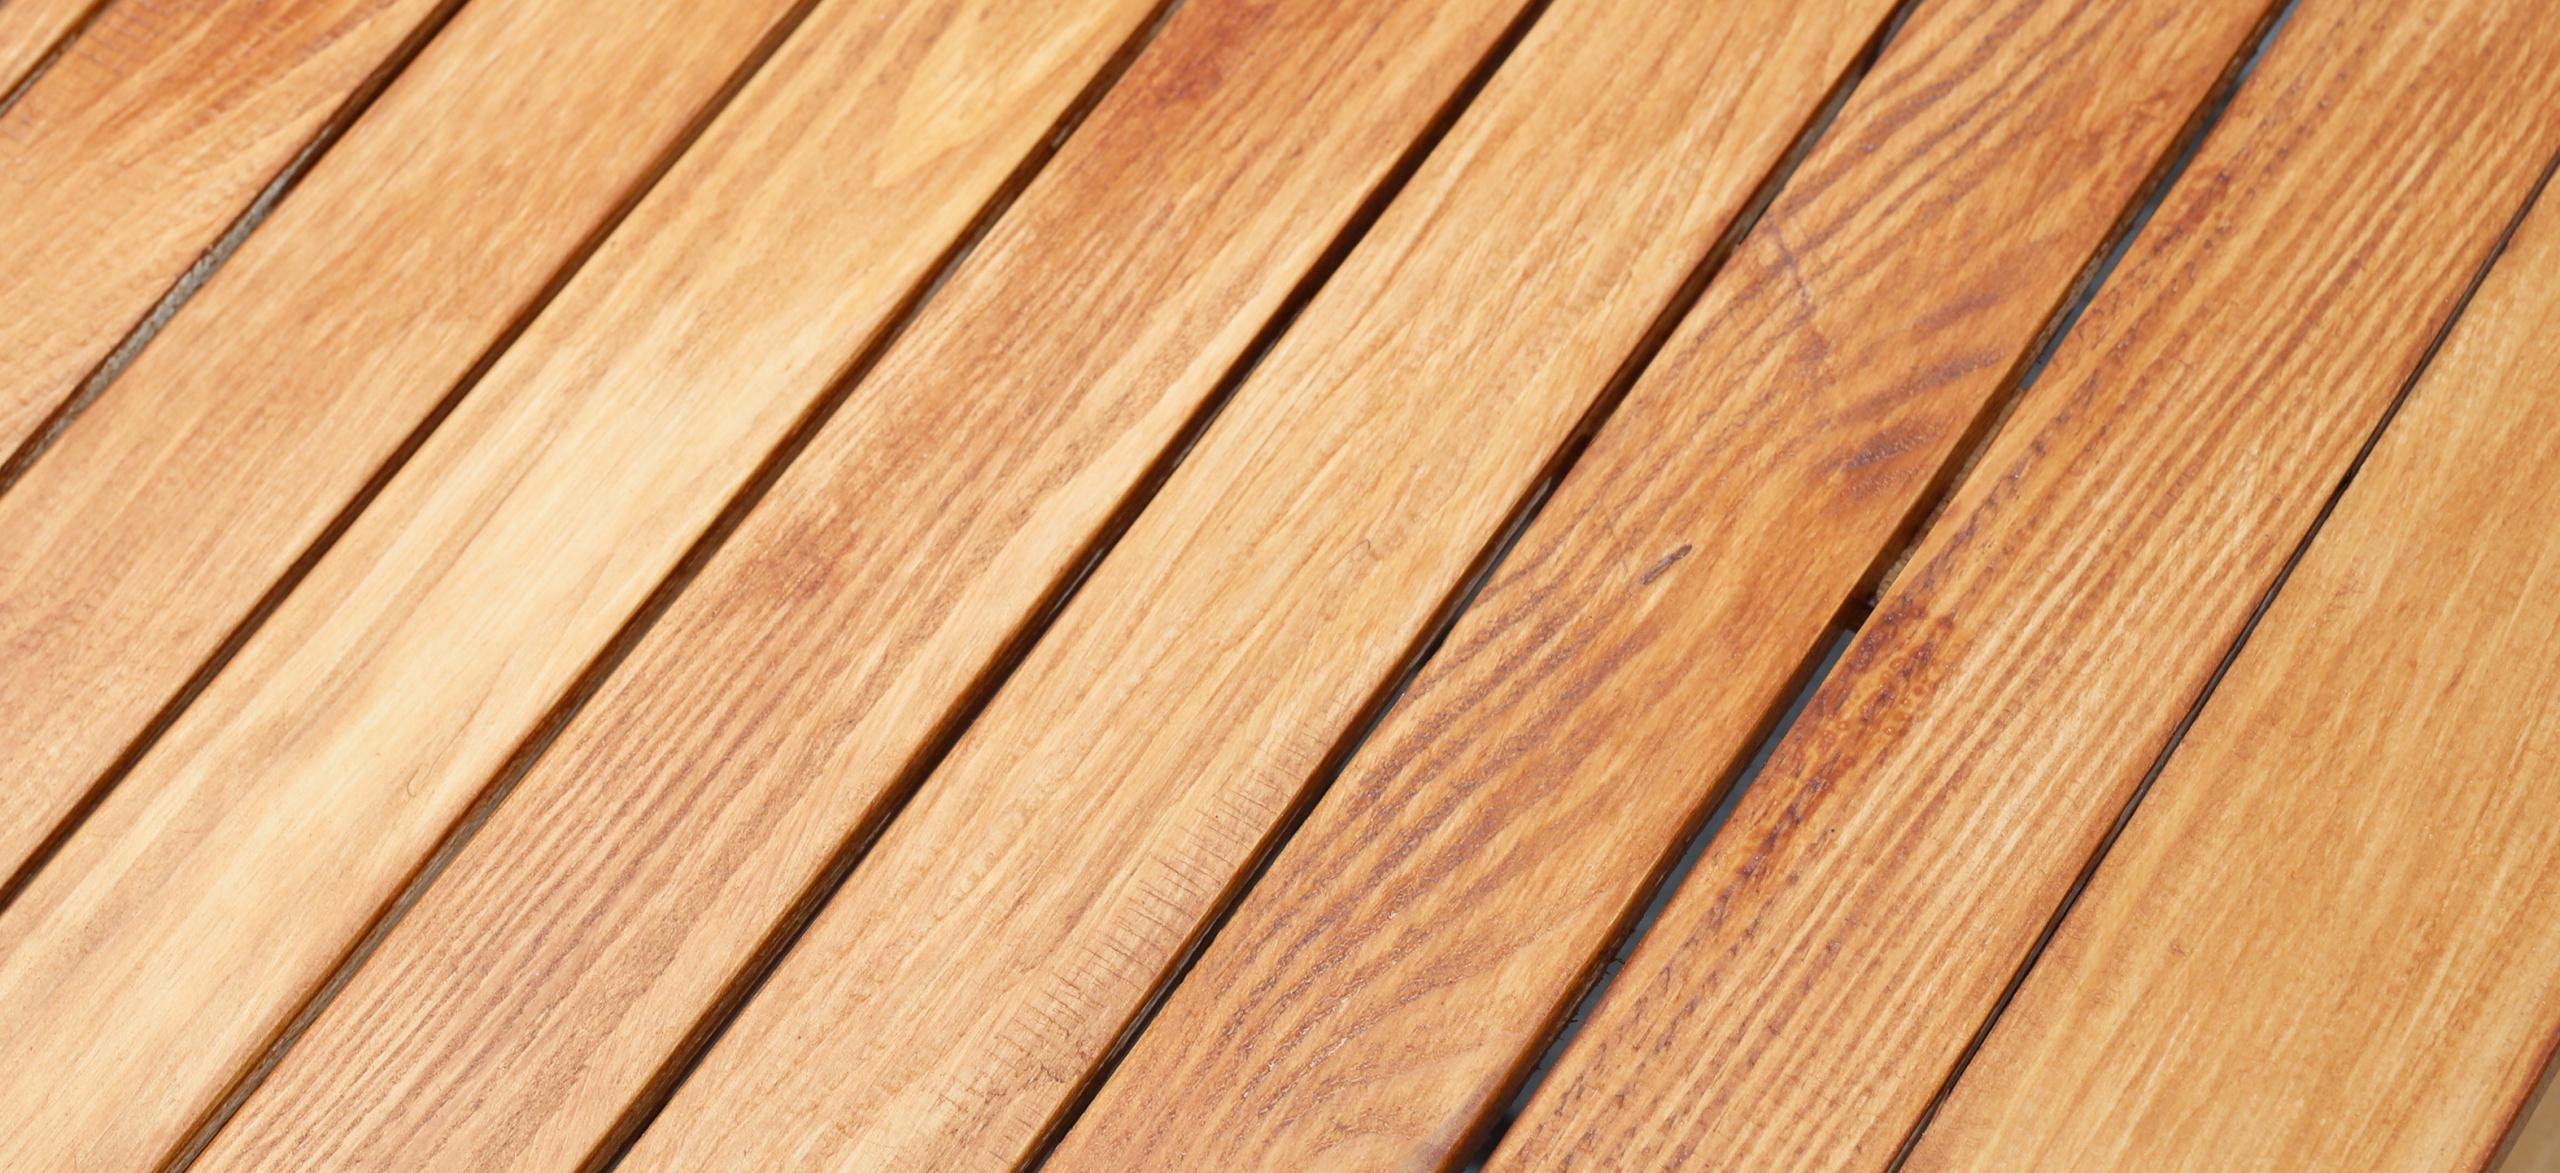 Sada záhradného nábytku z dreva 4 SEDADLO + 2 LAVICE Prevažujúcim materiálom je drevo